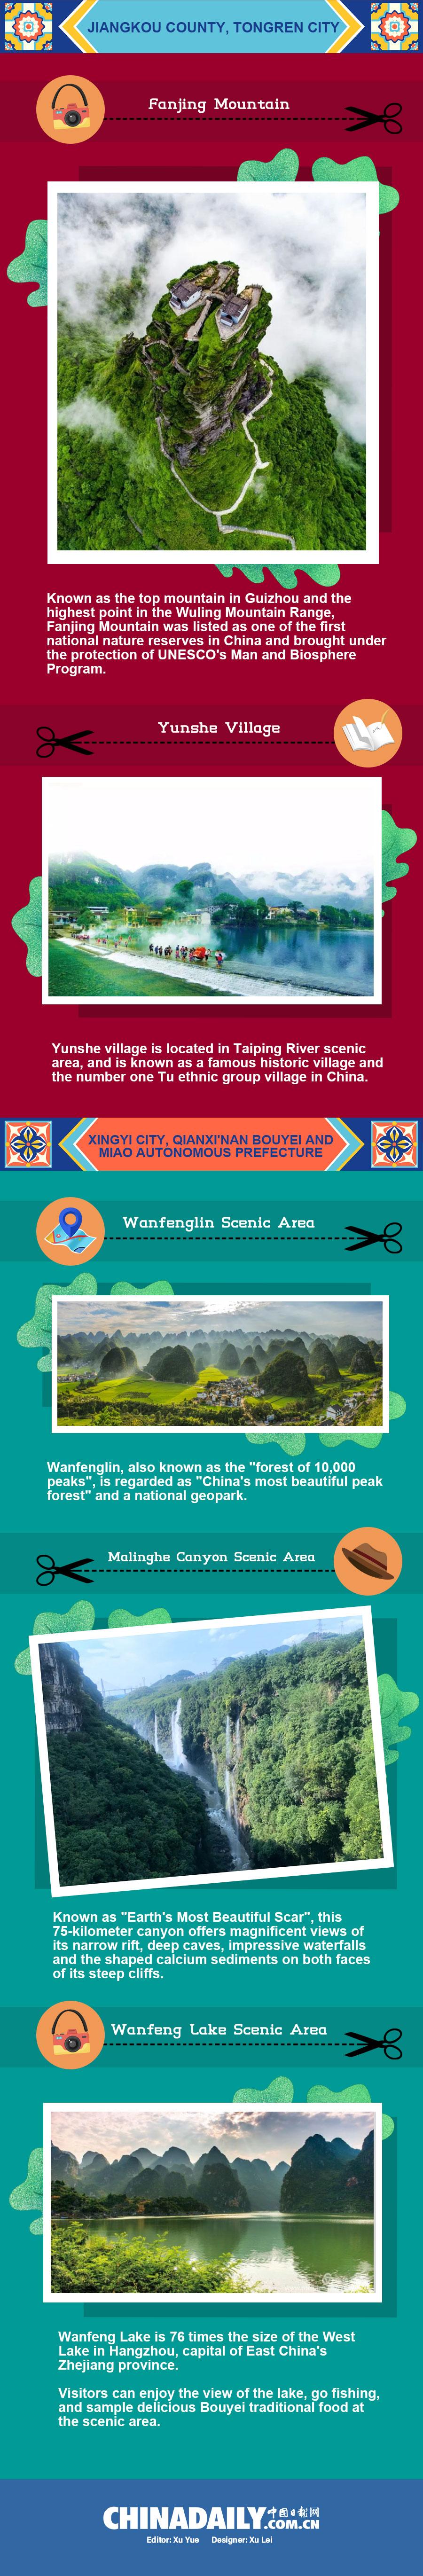 贵州旅游图表2.jpg